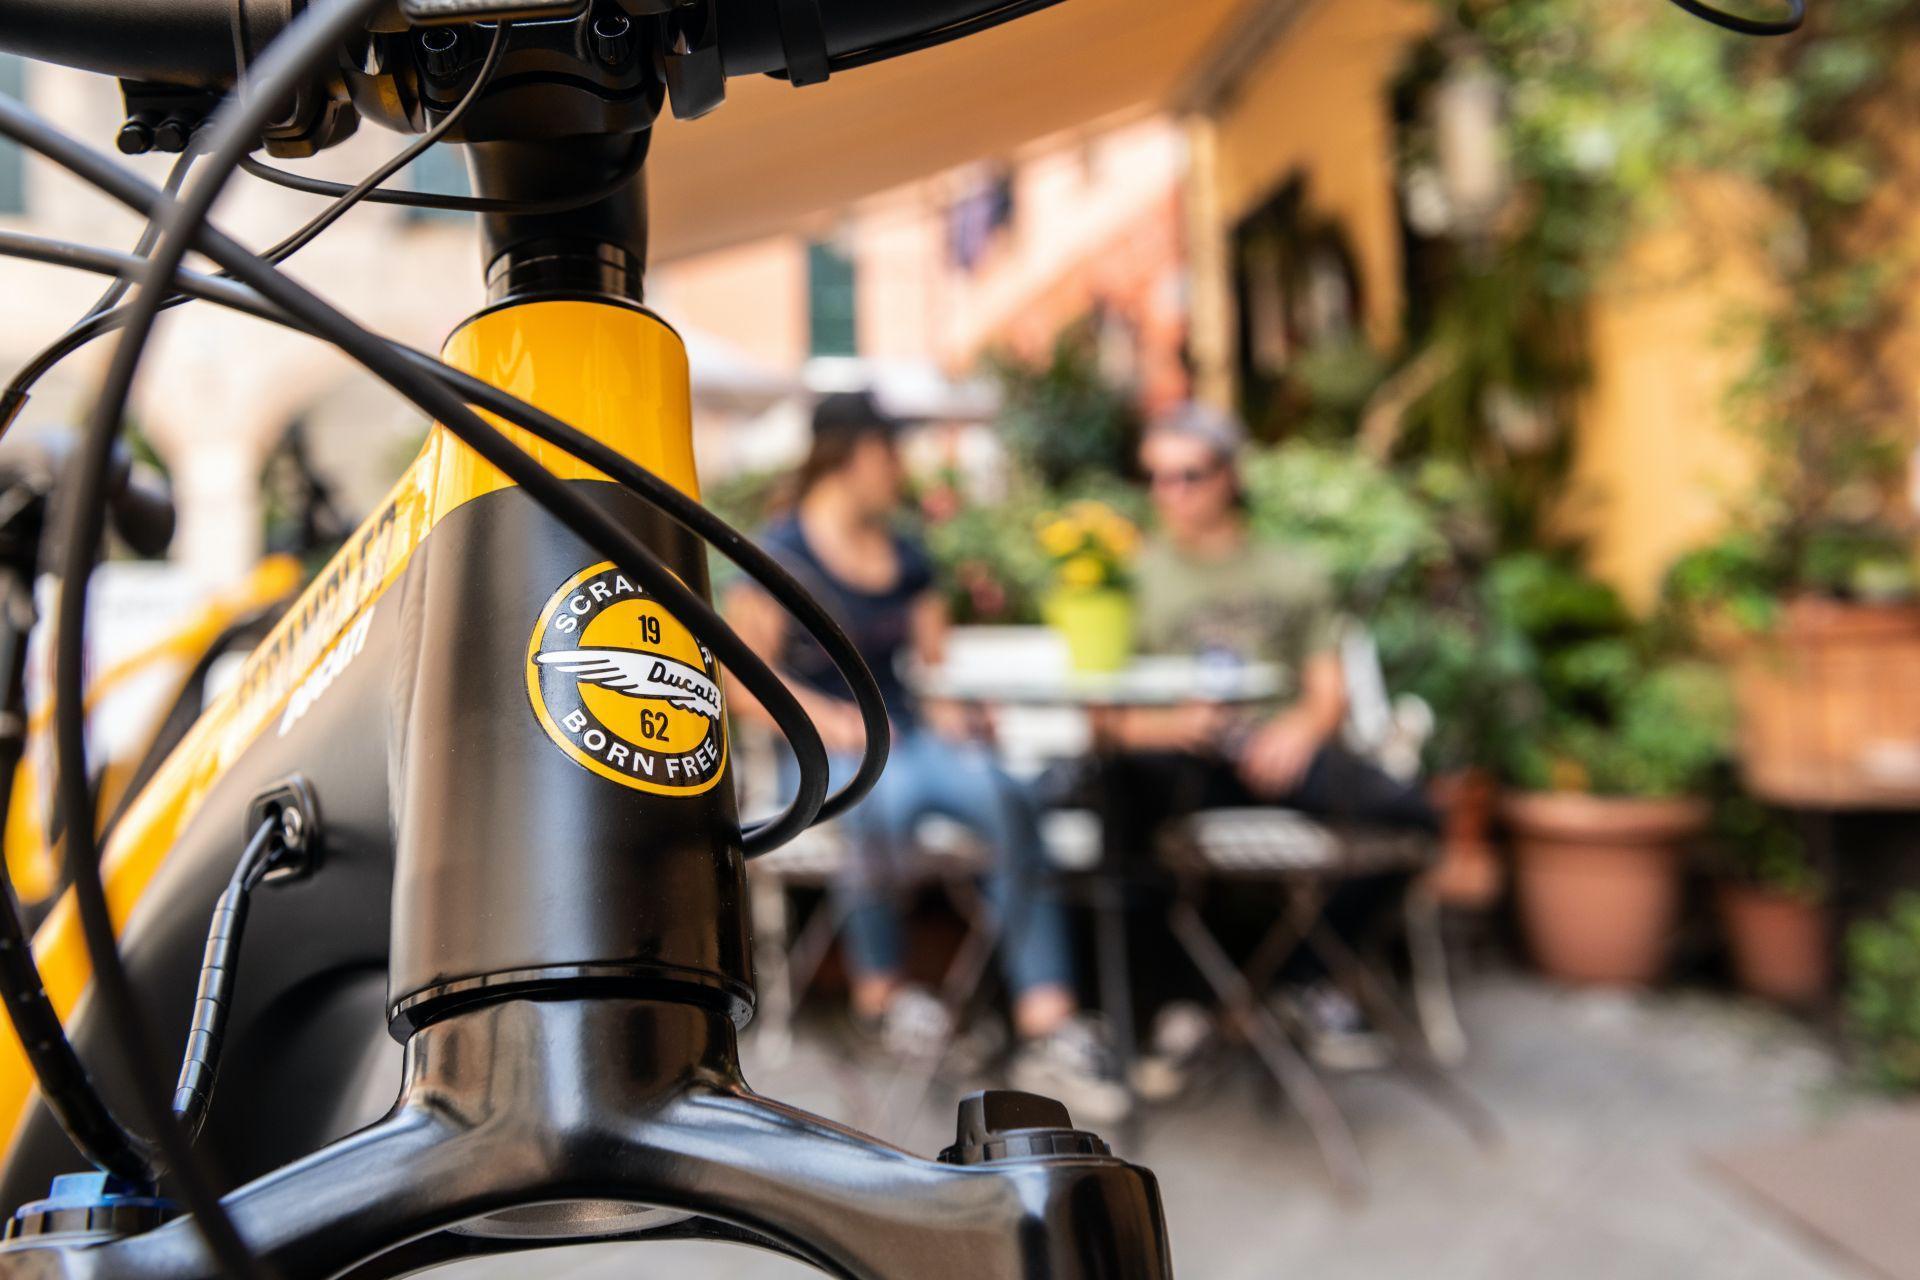 Khám phá xe đạp điện của Ducati có giá lên tới trăm triệu đồng Ảnh 6